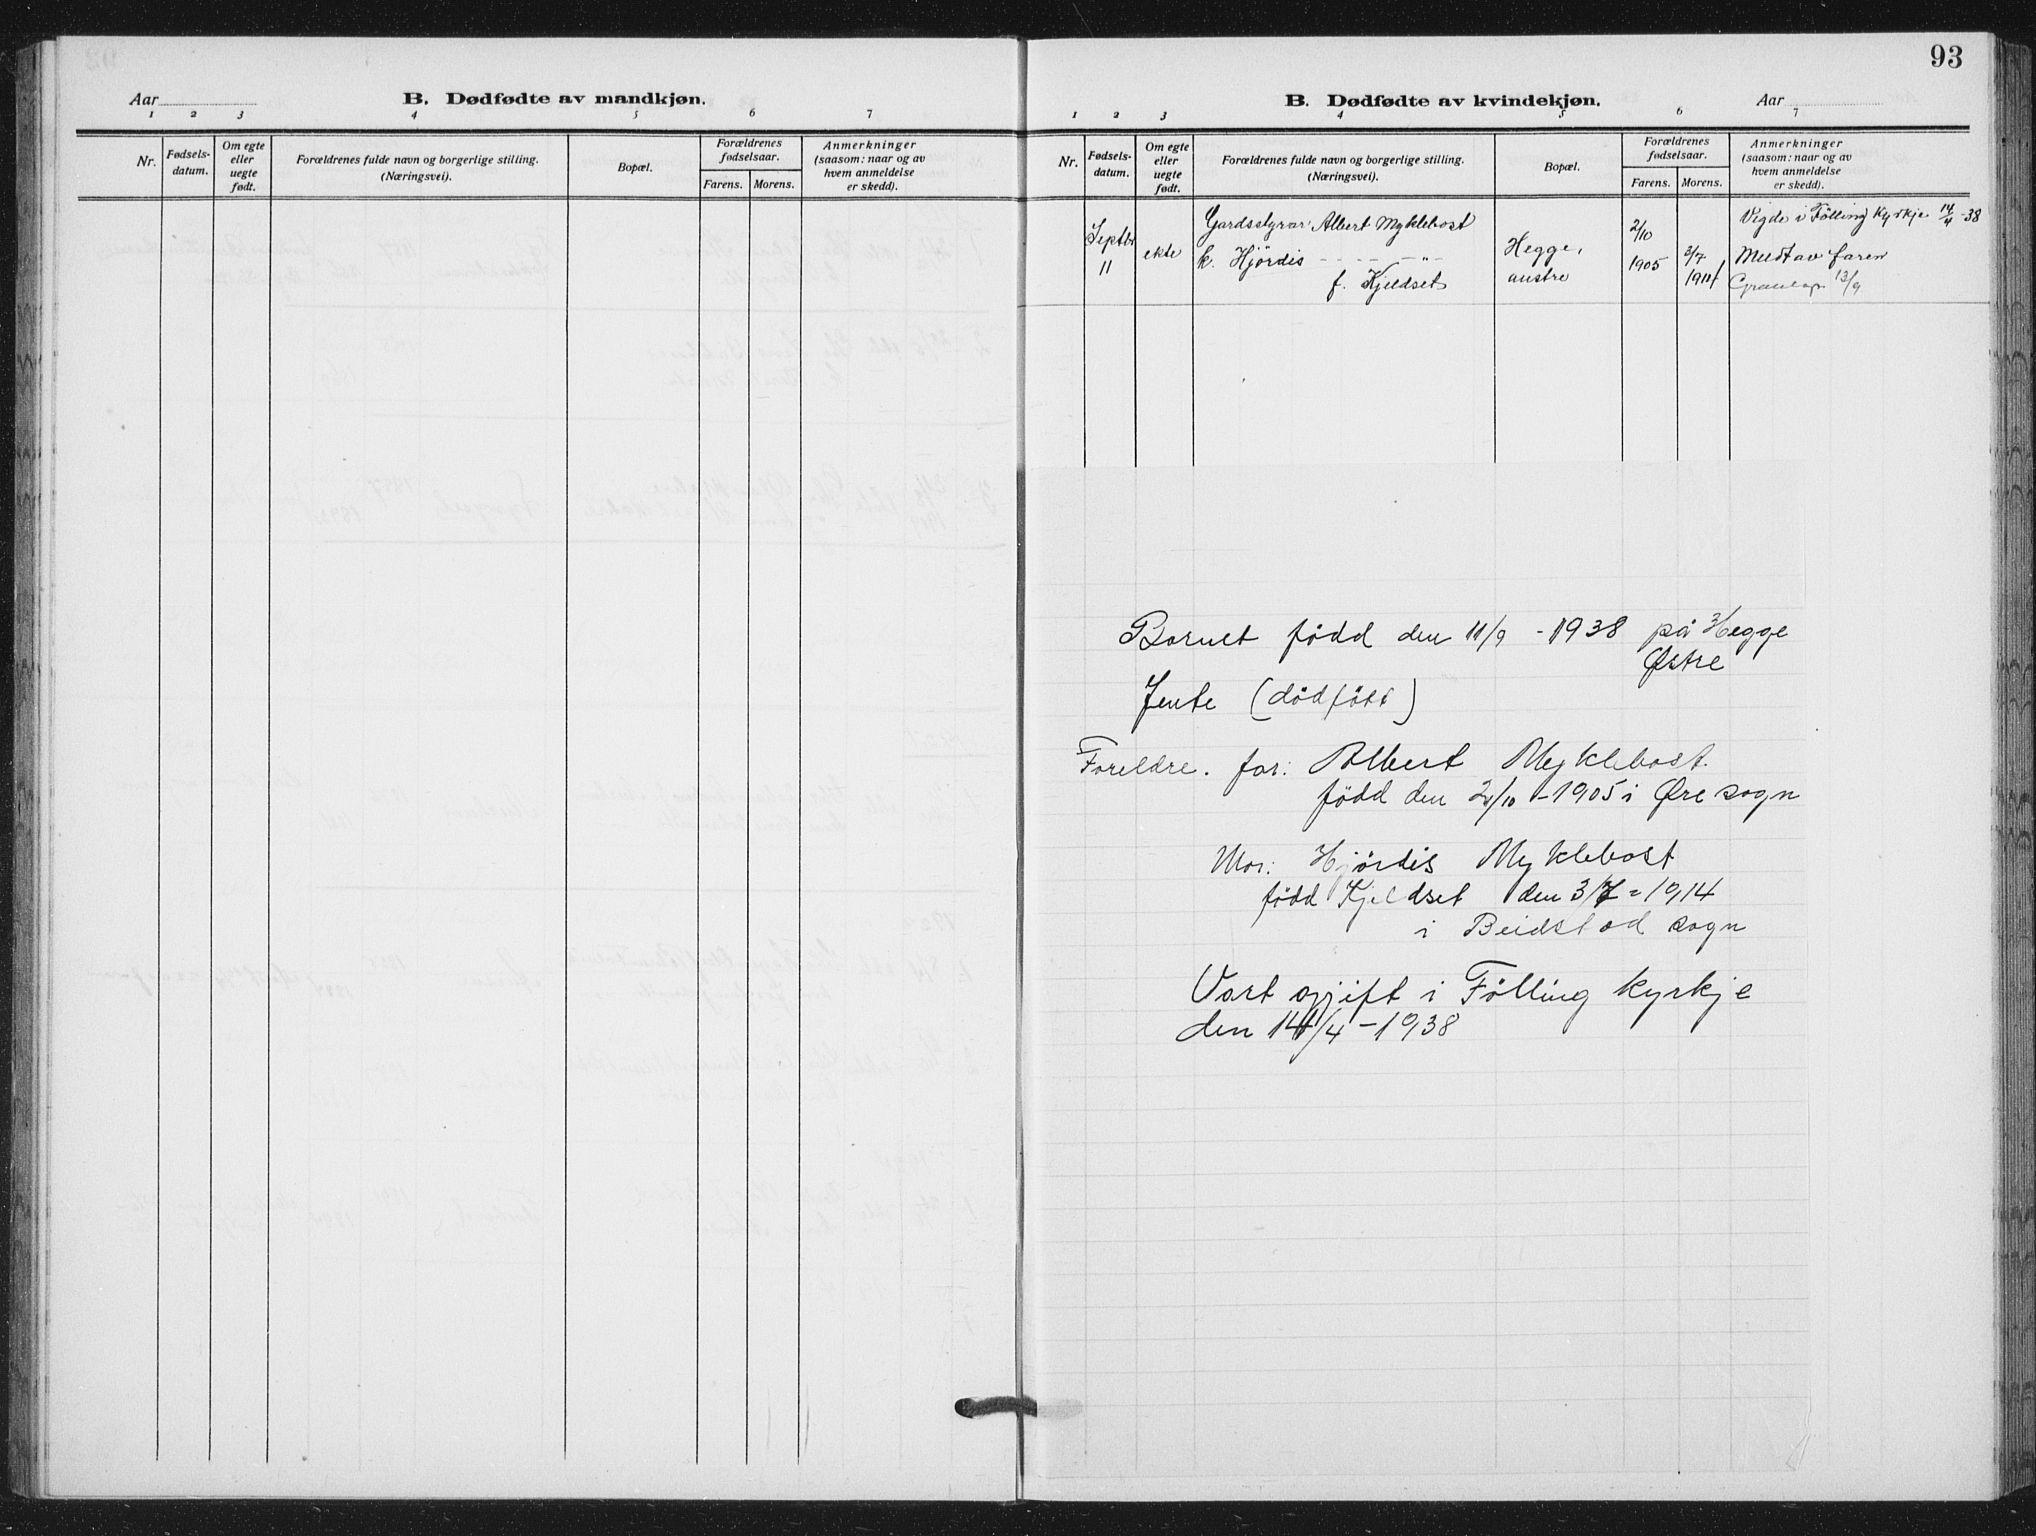 SAT, Ministerialprotokoller, klokkerbøker og fødselsregistre - Nord-Trøndelag, 712/L0104: Klokkerbok nr. 712C02, 1917-1939, s. 93